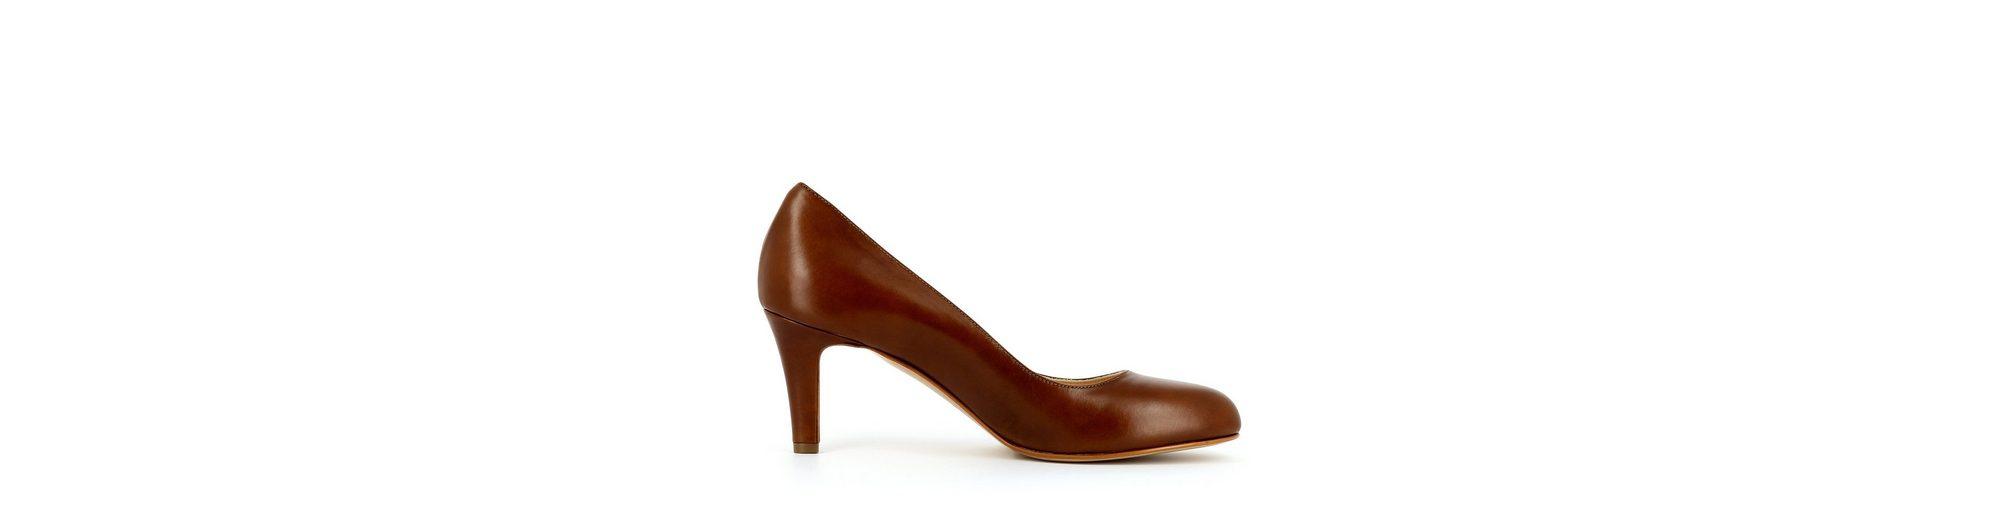 Online-Verkauf Billig Große Überraschung Evita BIANCA Pumps Verkauf Vorbestellung Rabatt Offiziell Wirklich Billige Schuhe Online xmgaBEJ9LC